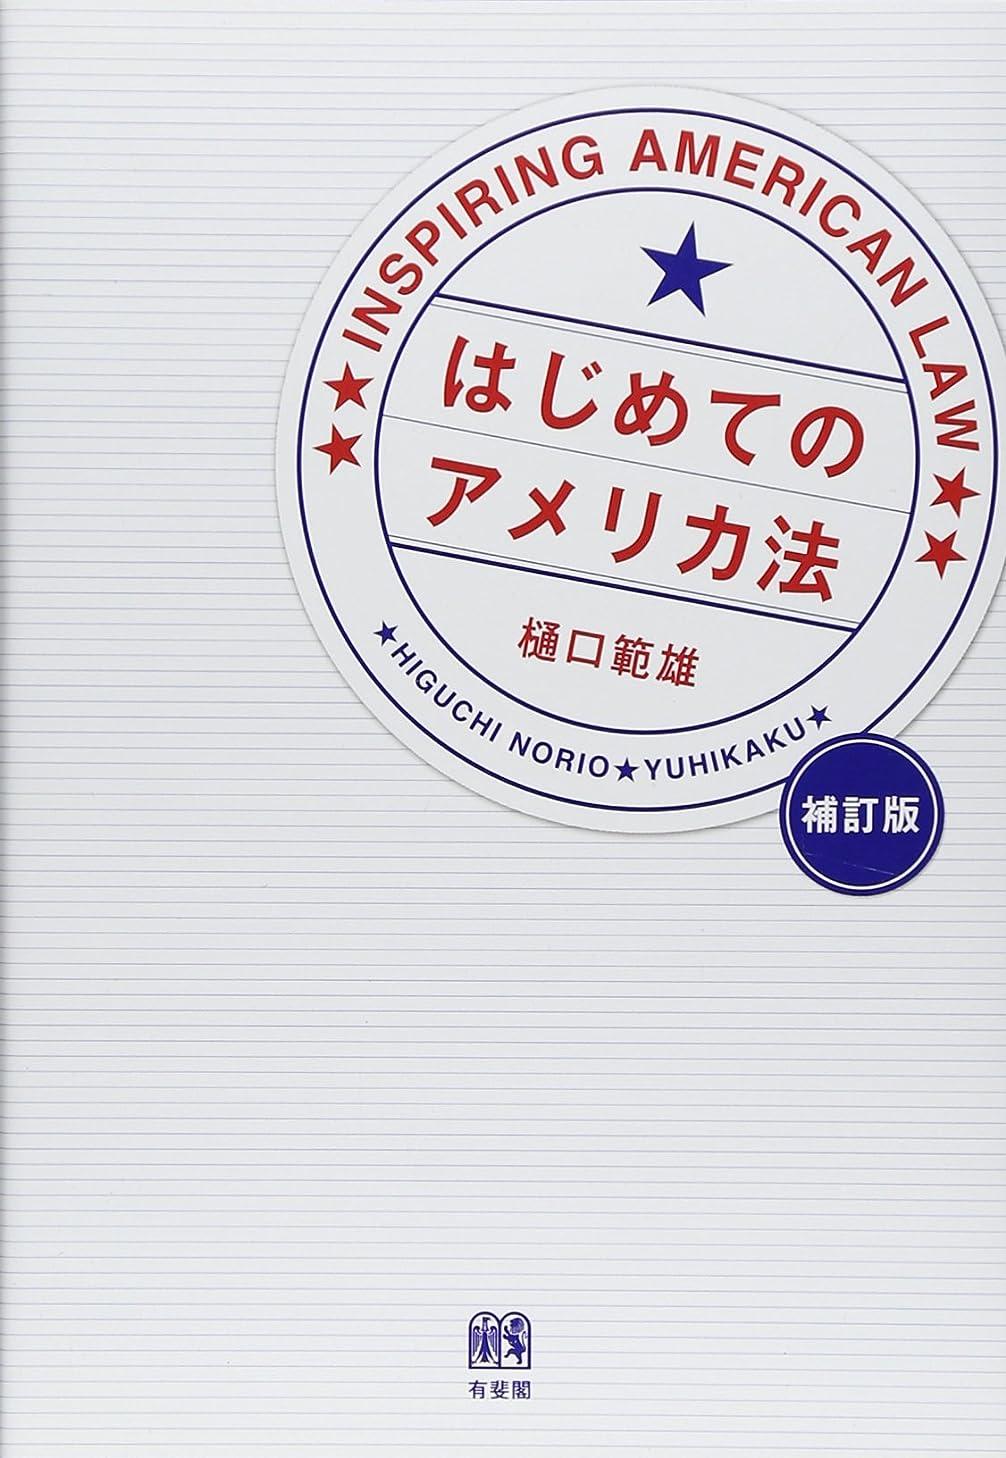 ハロウィンボーナス合唱団アメリカ契約法第2版 [アメリカ法ベーシックス]